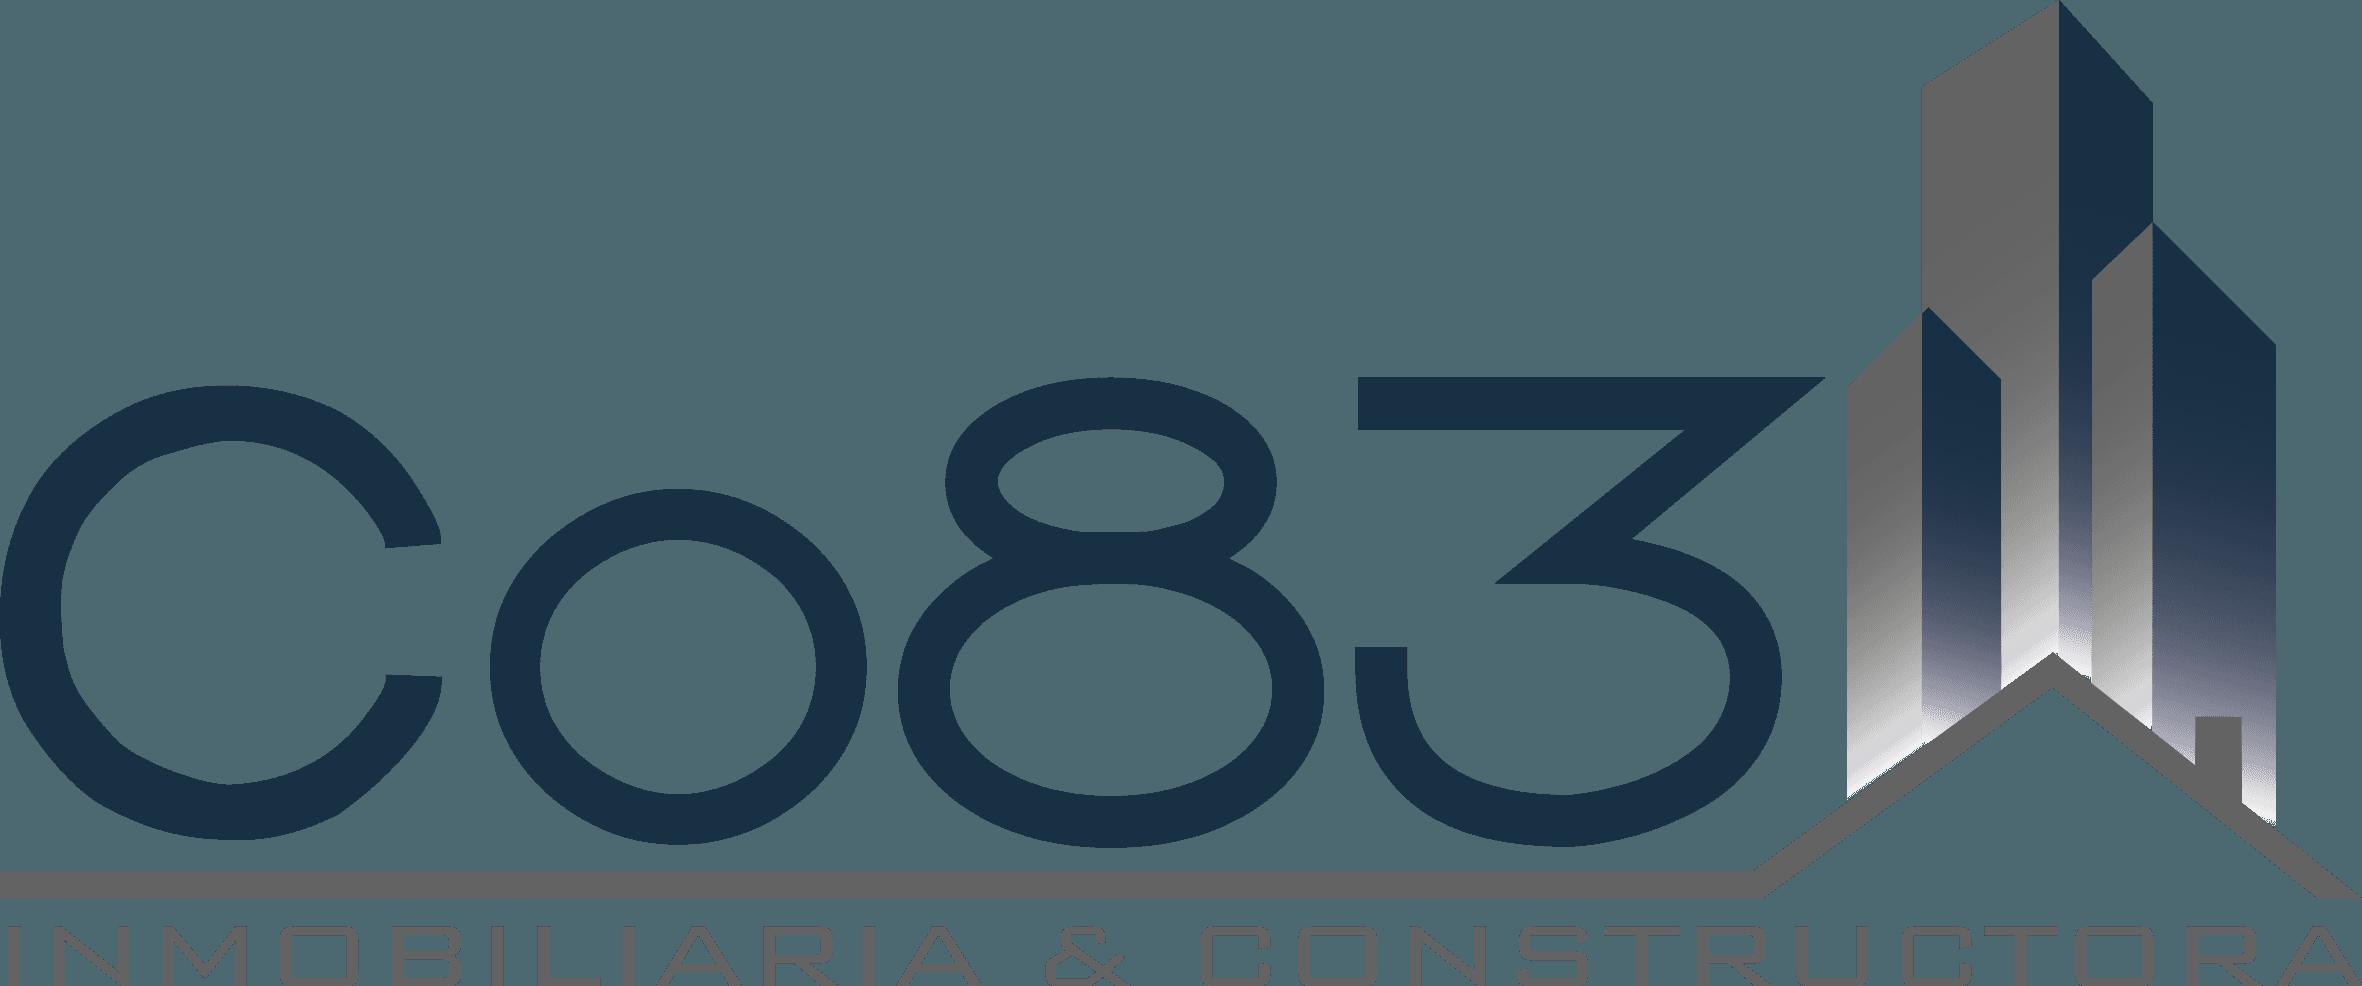 Logo de  Co83 Inmobiliaria